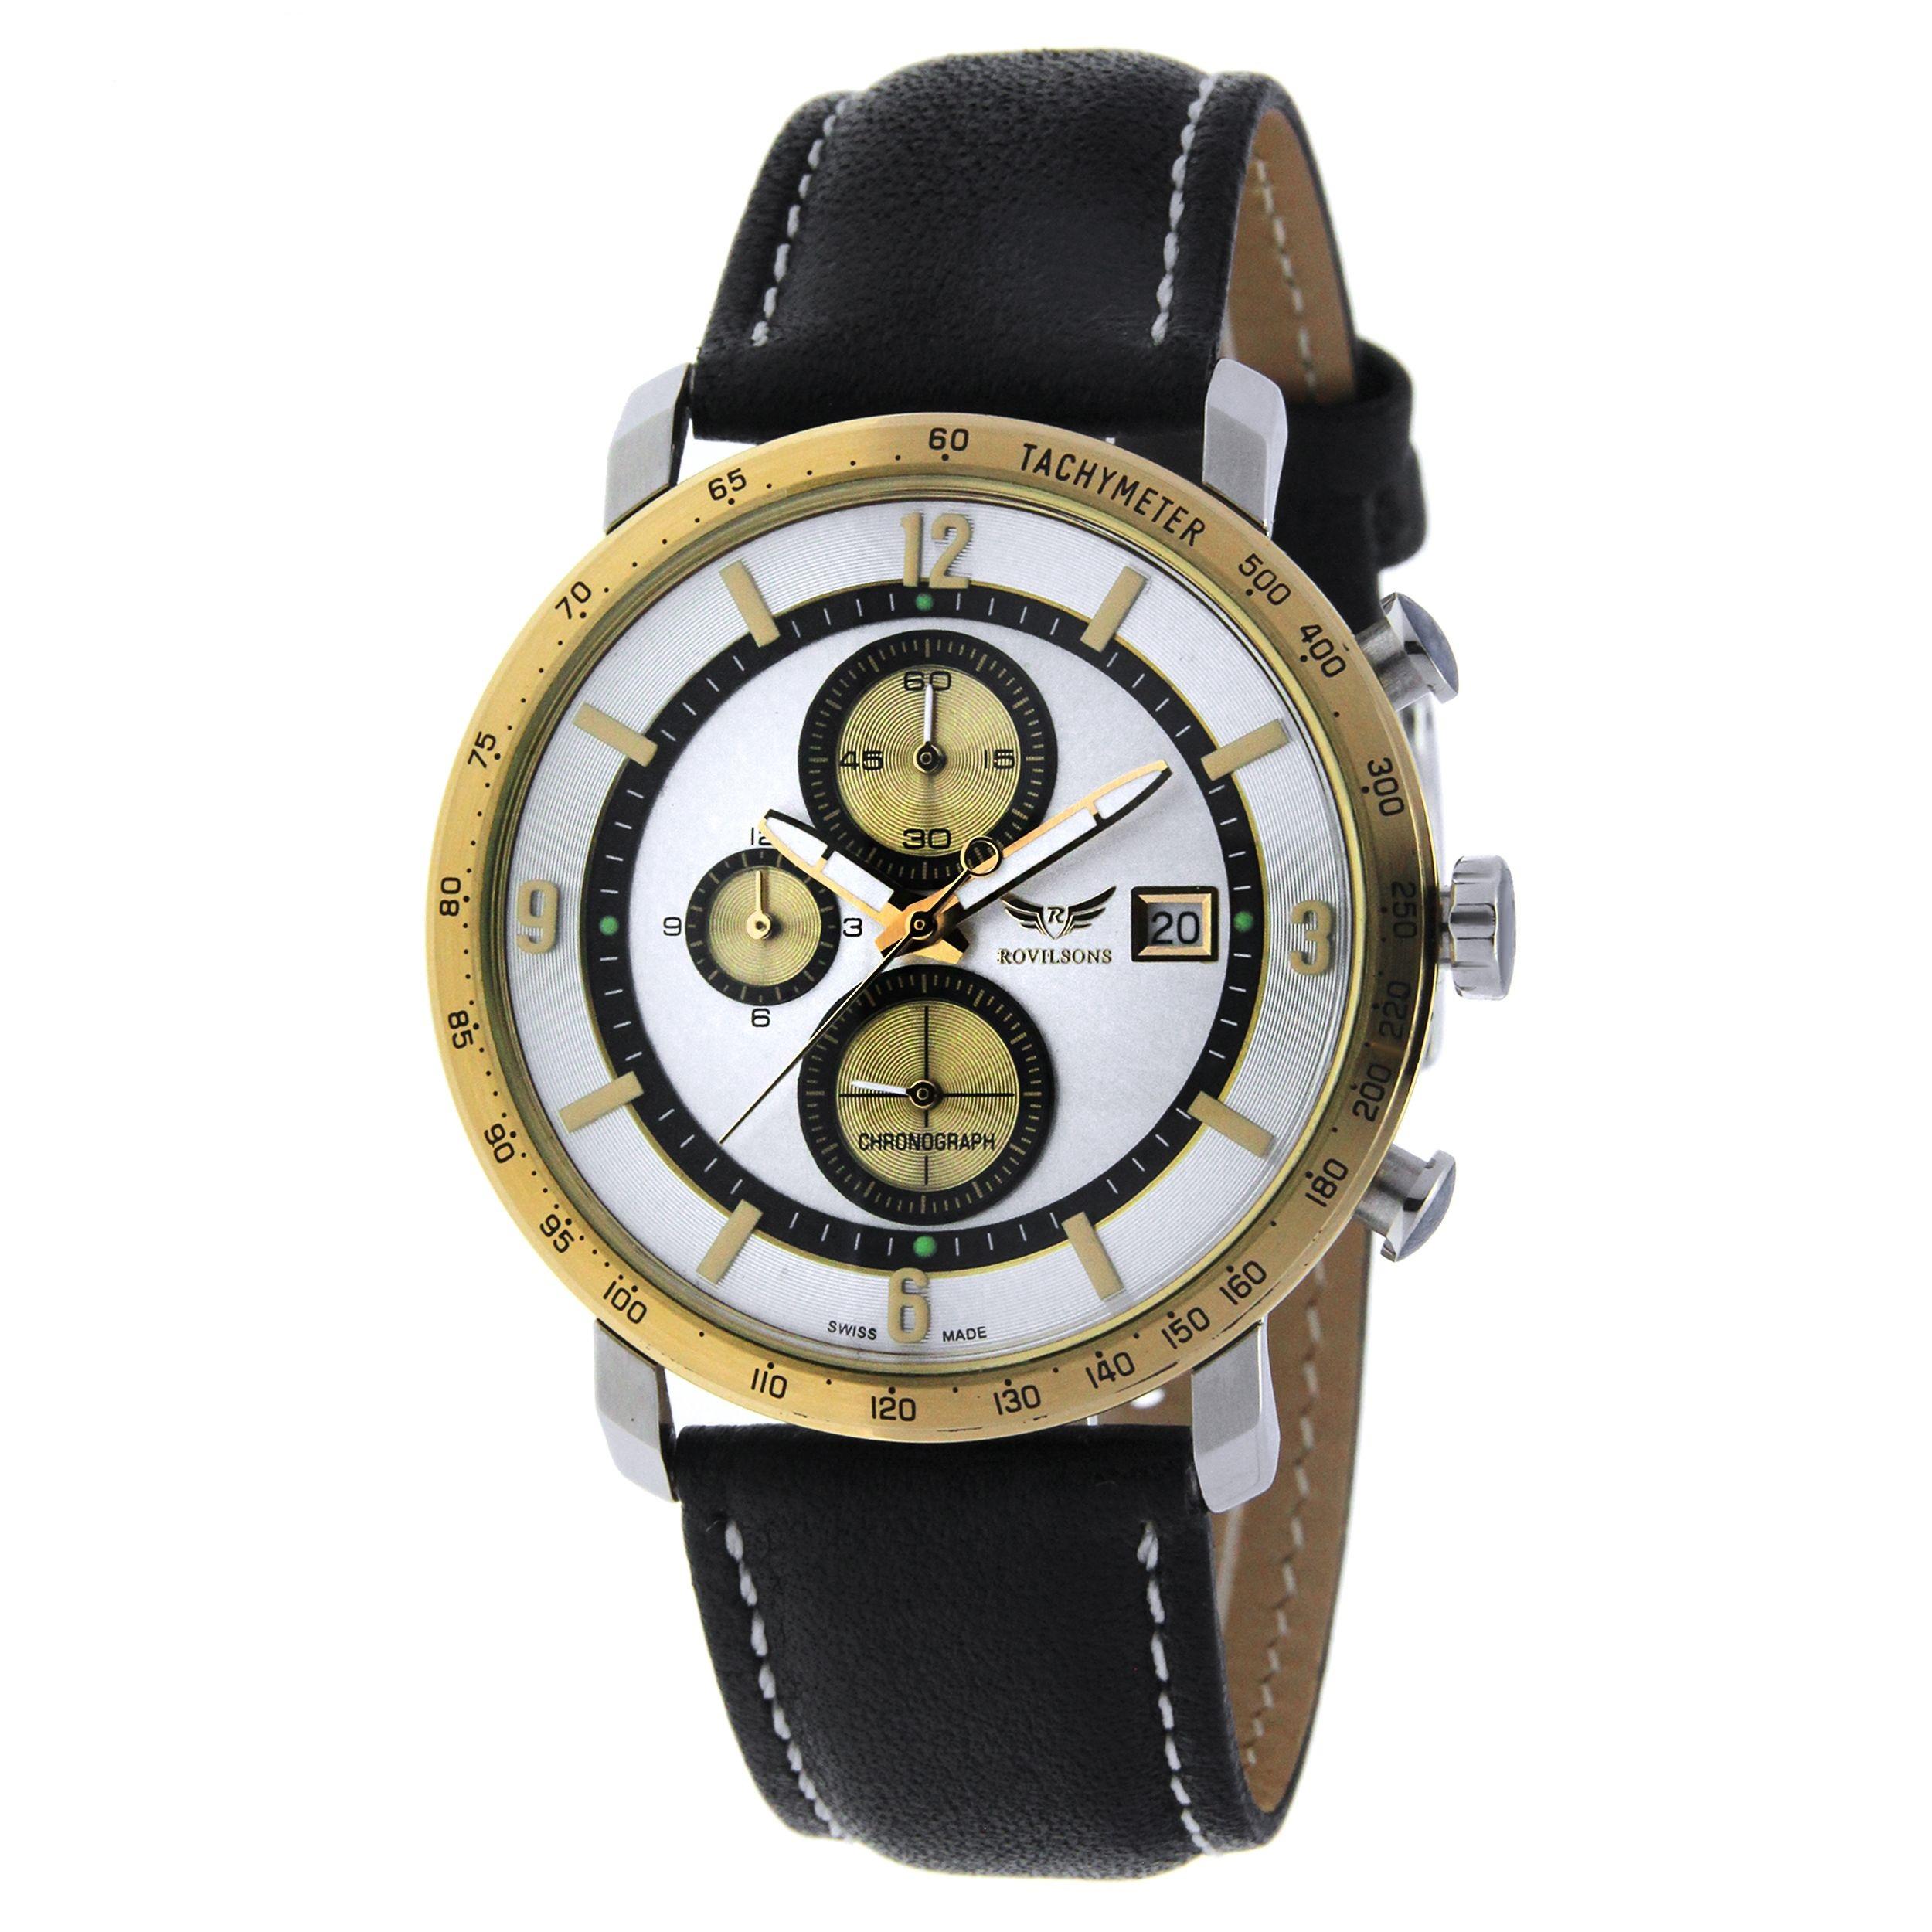 ساعت مچی عقربه ای مردانه راویلسون مدل RW-1062G-2 5